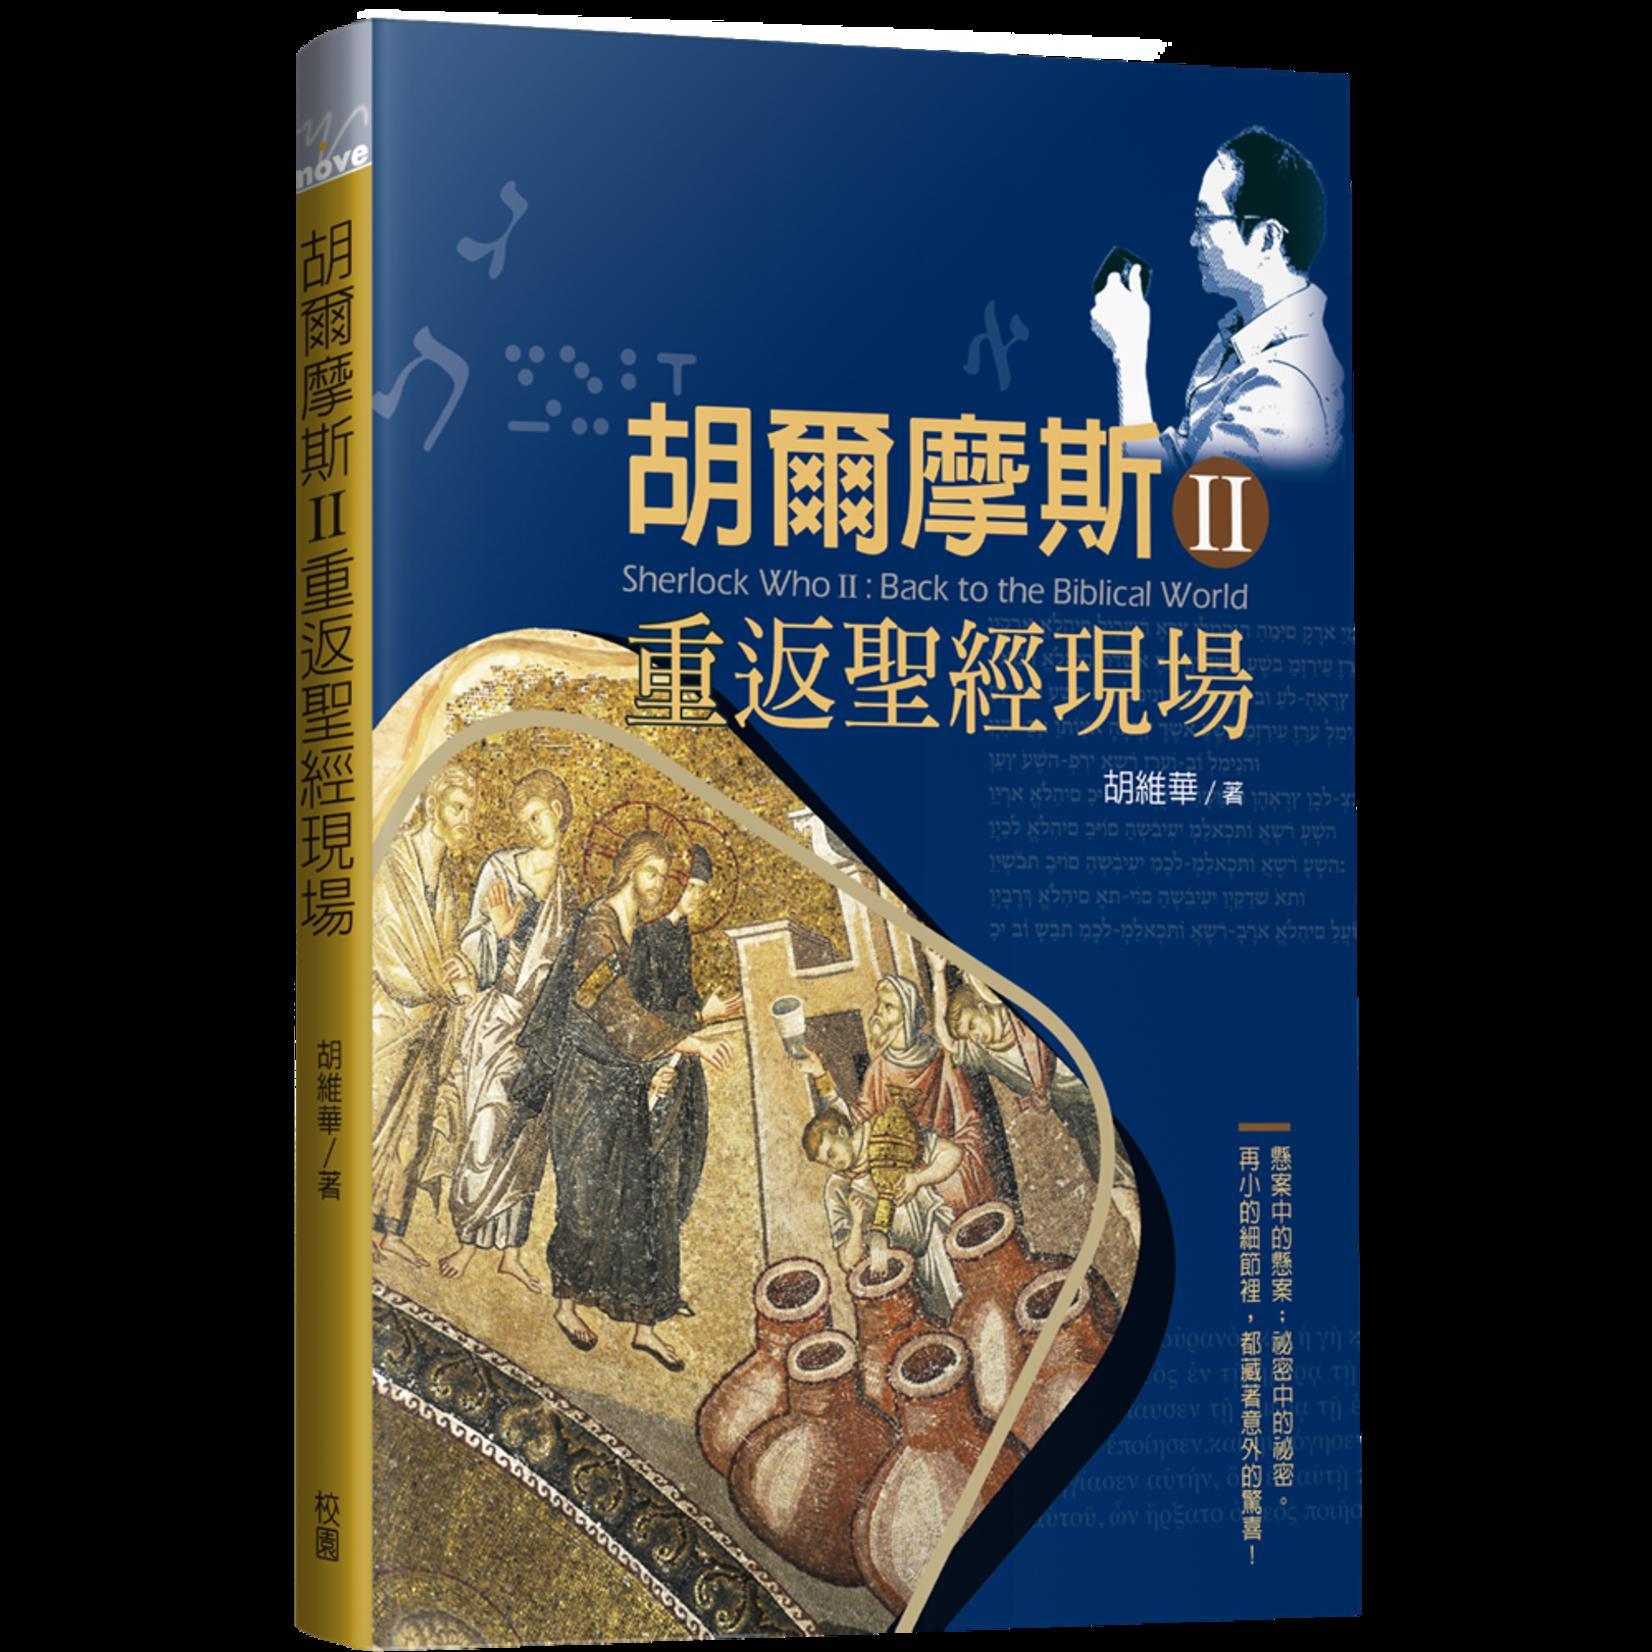 校園書房 Campus Books 胡爾摩斯Ⅱ:重返聖經現場